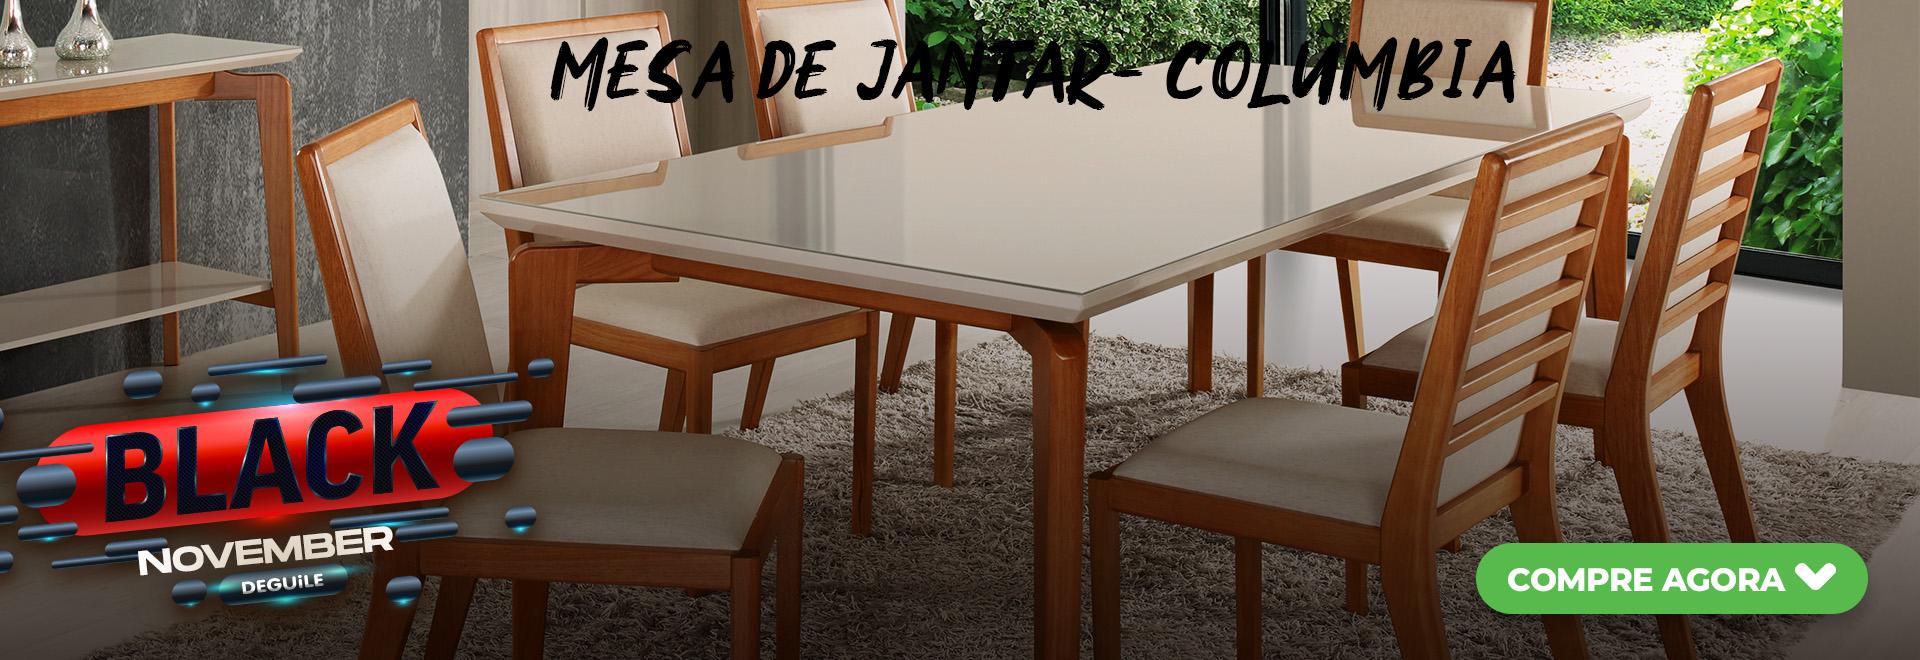 Mesa de Jantar 1,40m a 2,00m - COLUMBIA